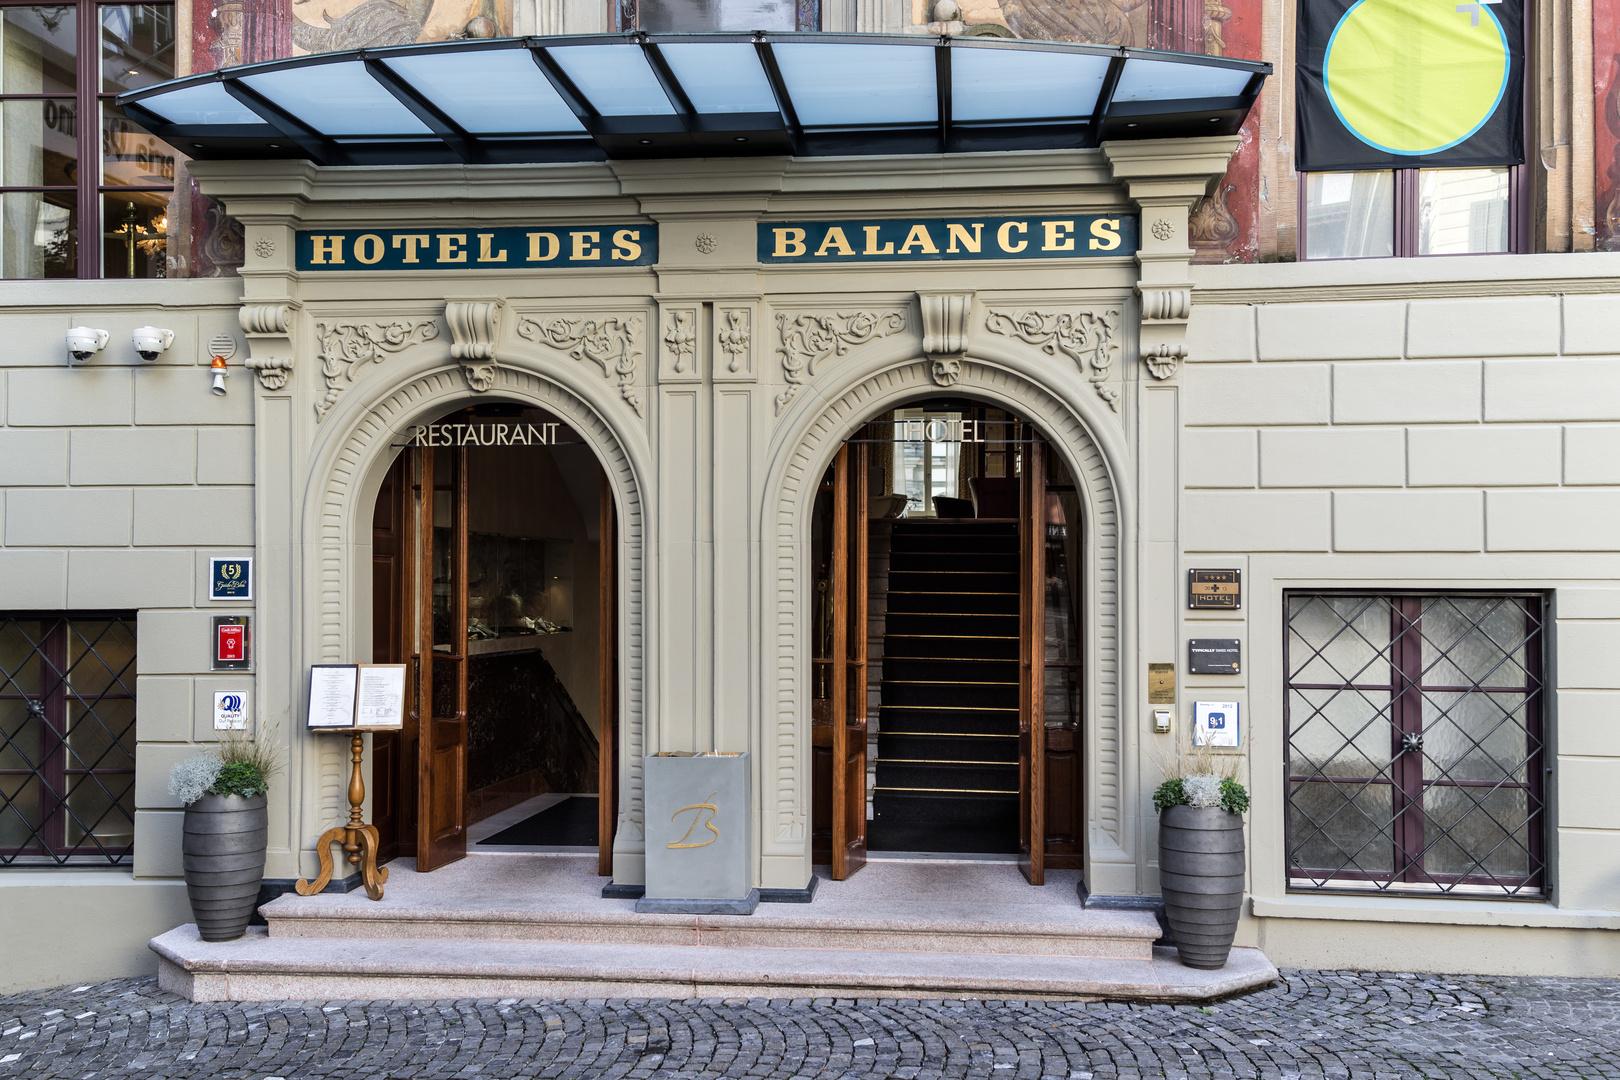 Herzlich willkommen im Hotel des Balances